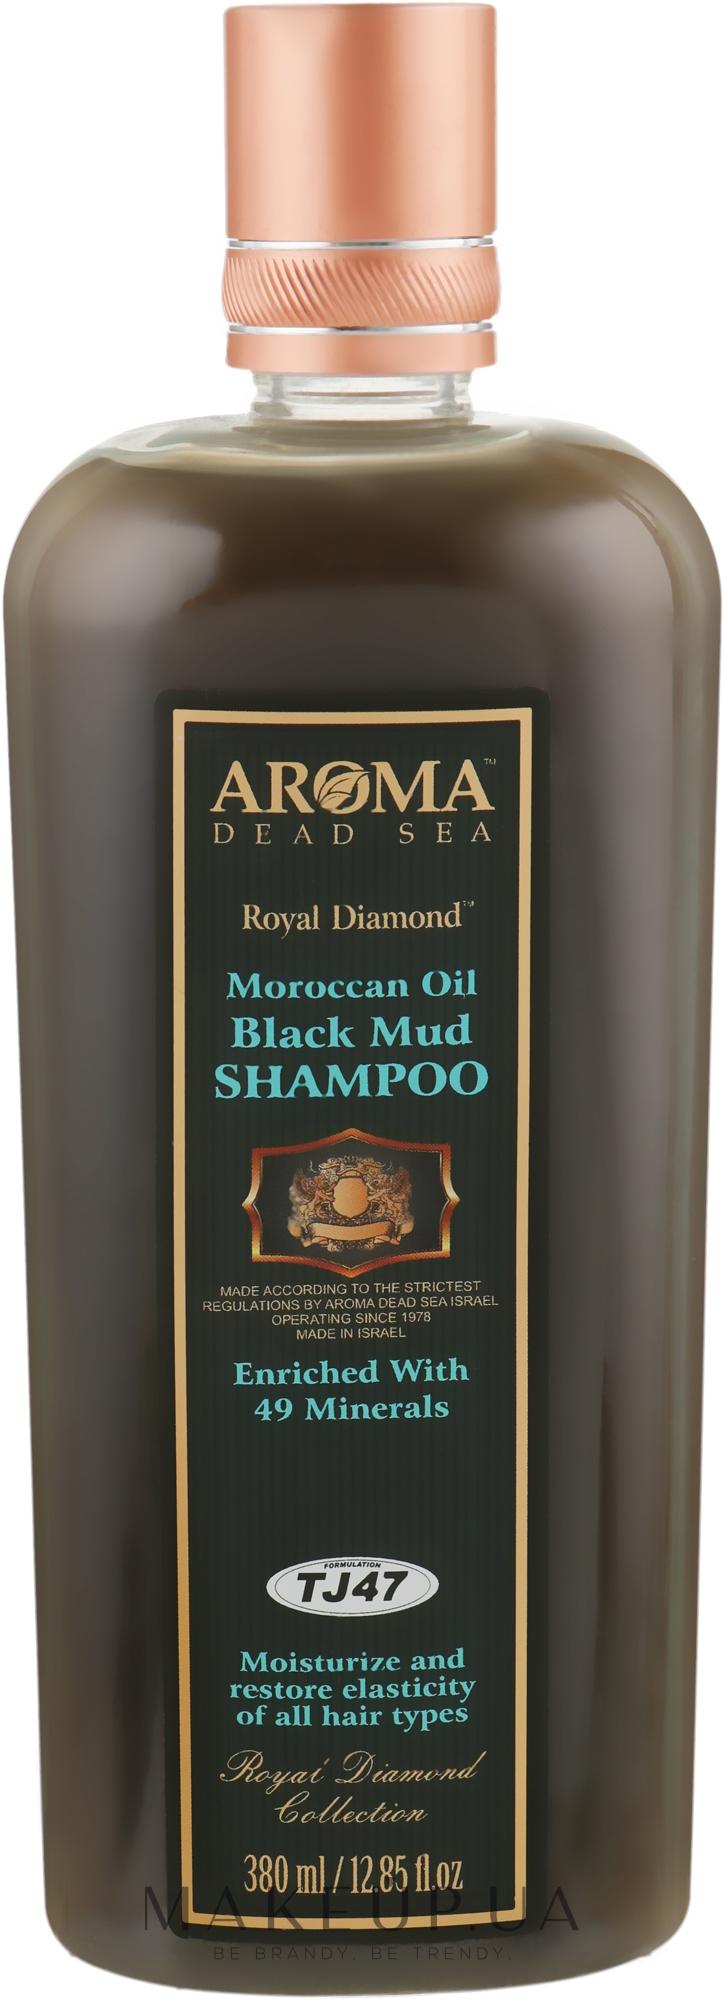 Шампунь грязьовий з маслом арганії - Aroma Shampoo  — фото 380ml